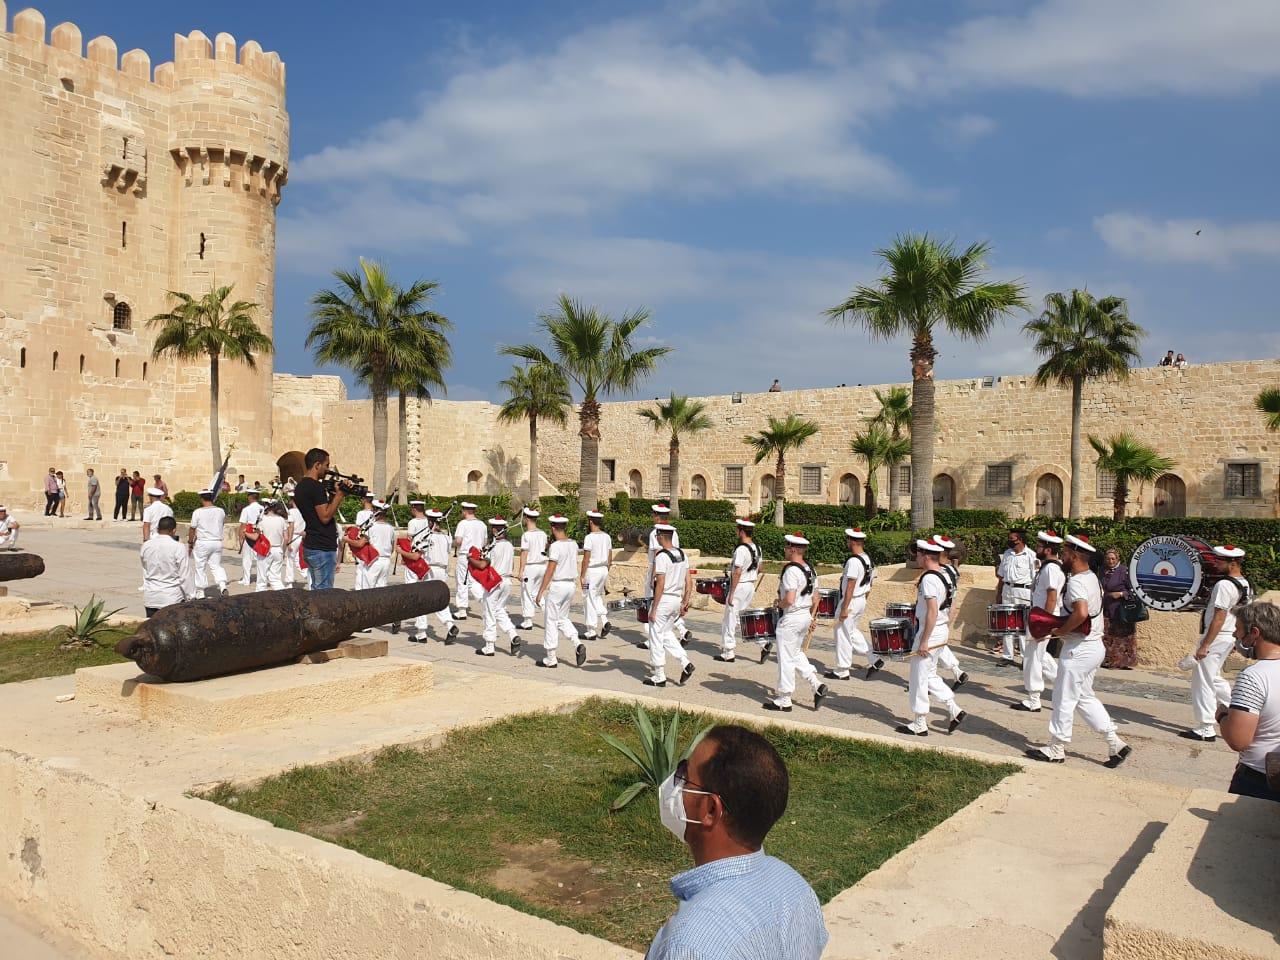 فرقة الموسيقى التراثية للبحرية الفرنسية بقلعة قايتباى (5)